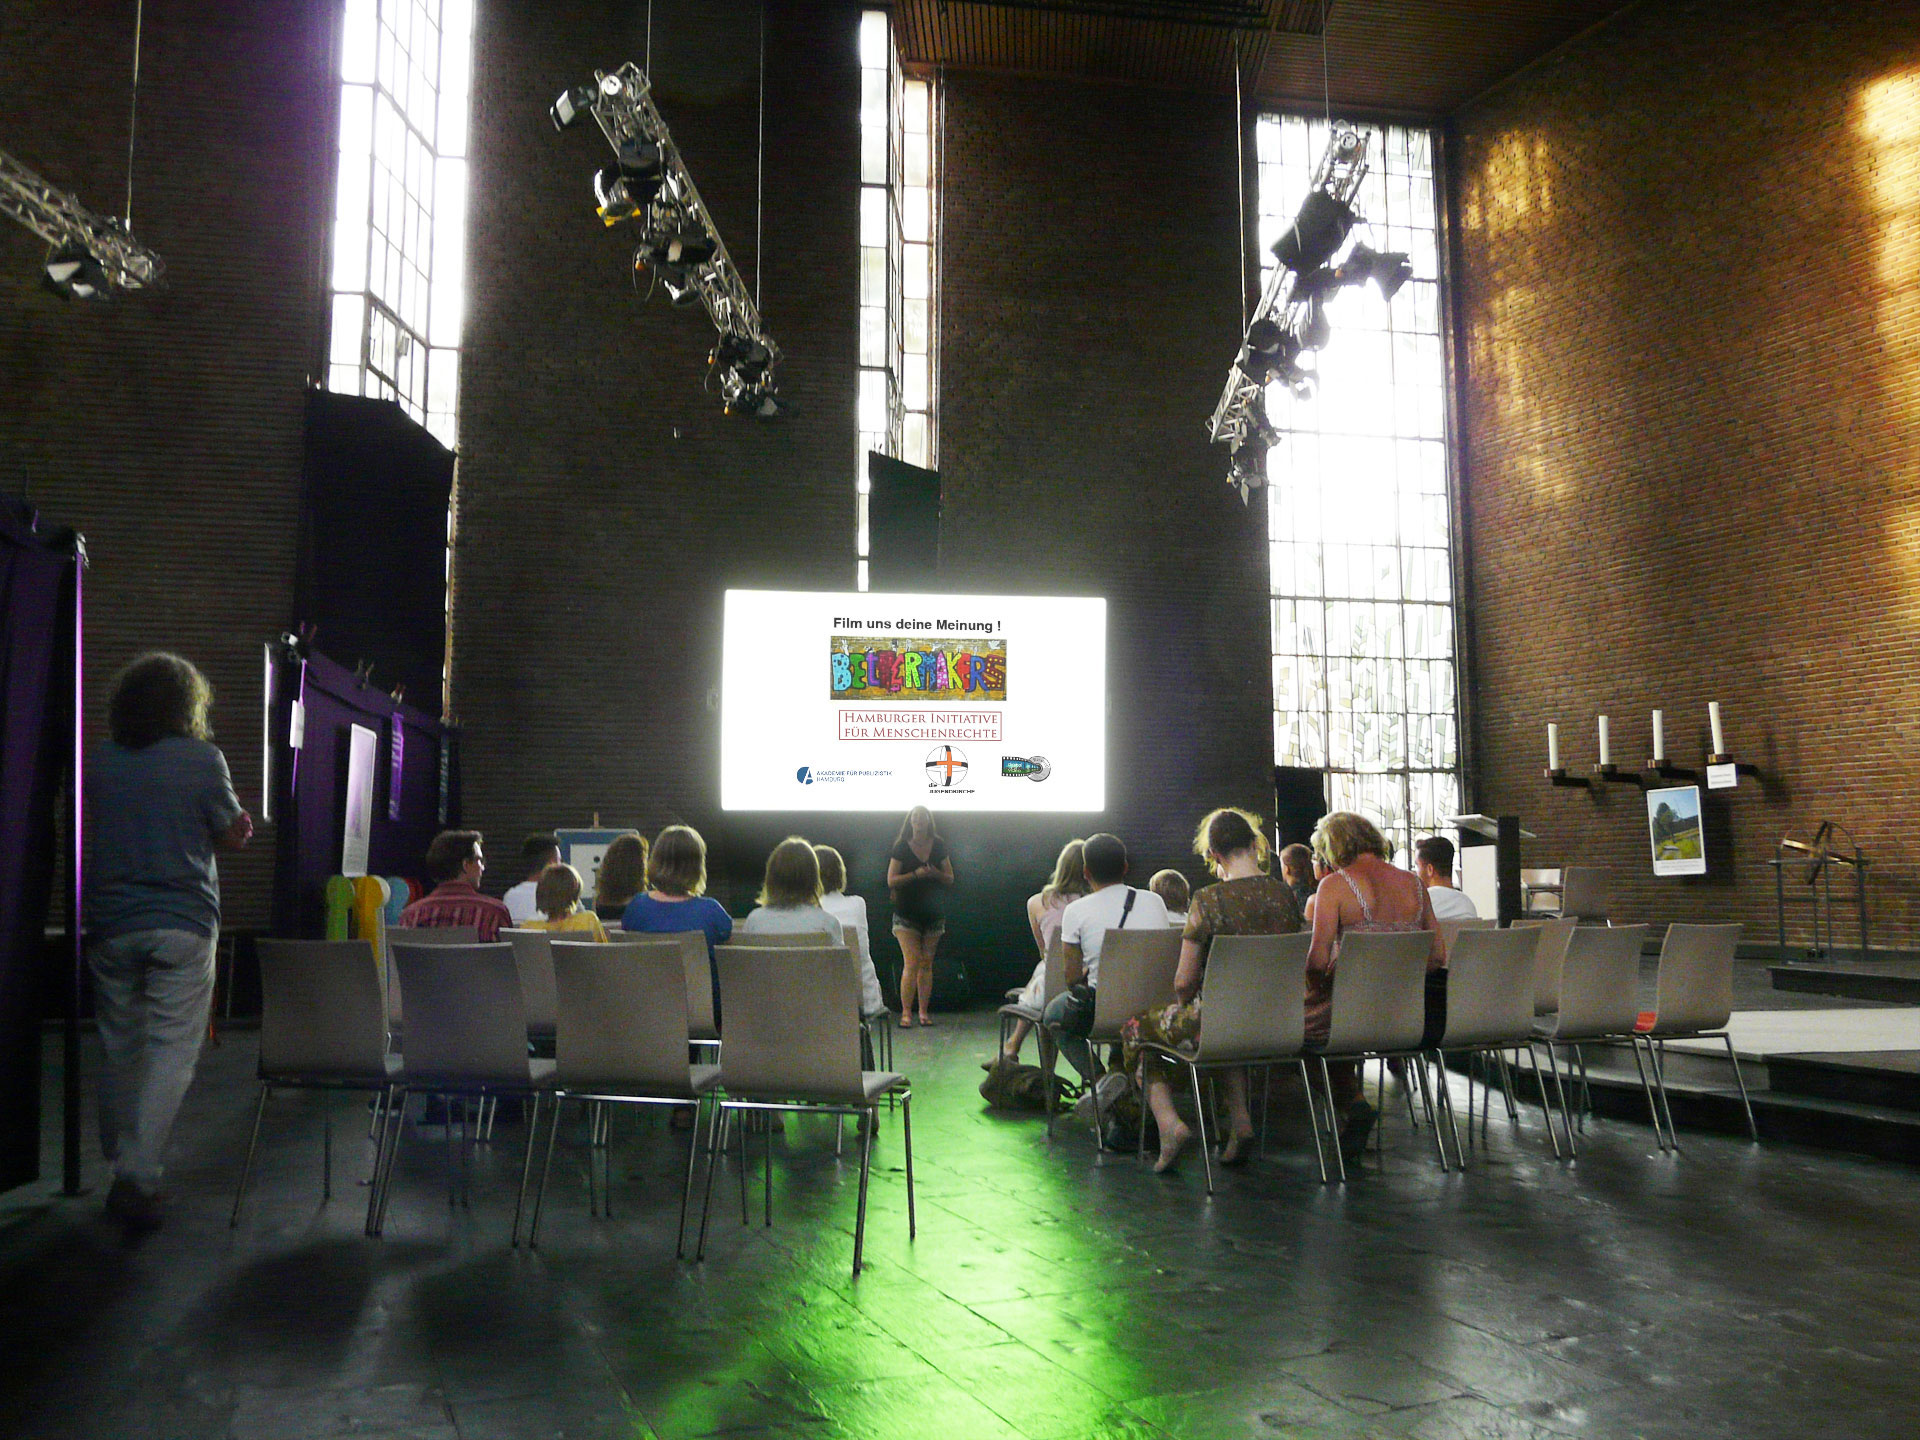 Tageslichtprojektion mit einer Revosoft Hellraumleinwand in der Jugenkirche in Hamburg Ottensen